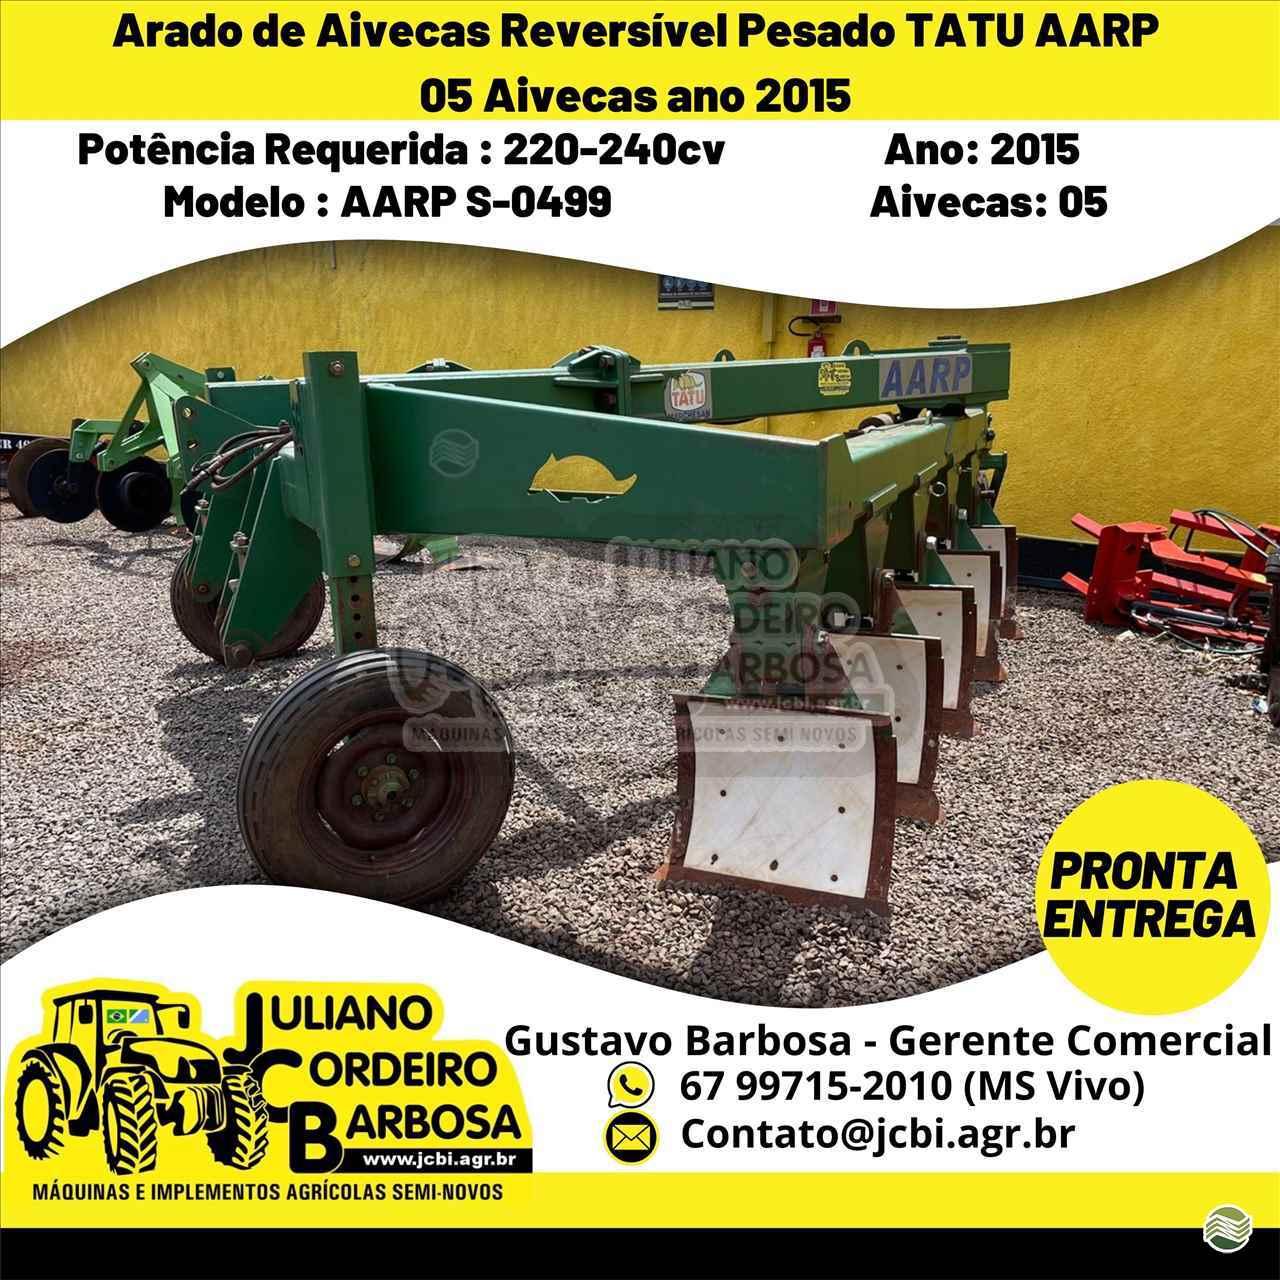 ARADO DE AIVECA de JCB Máquinas e Implementos Agrícolas - MARACAJU/MS